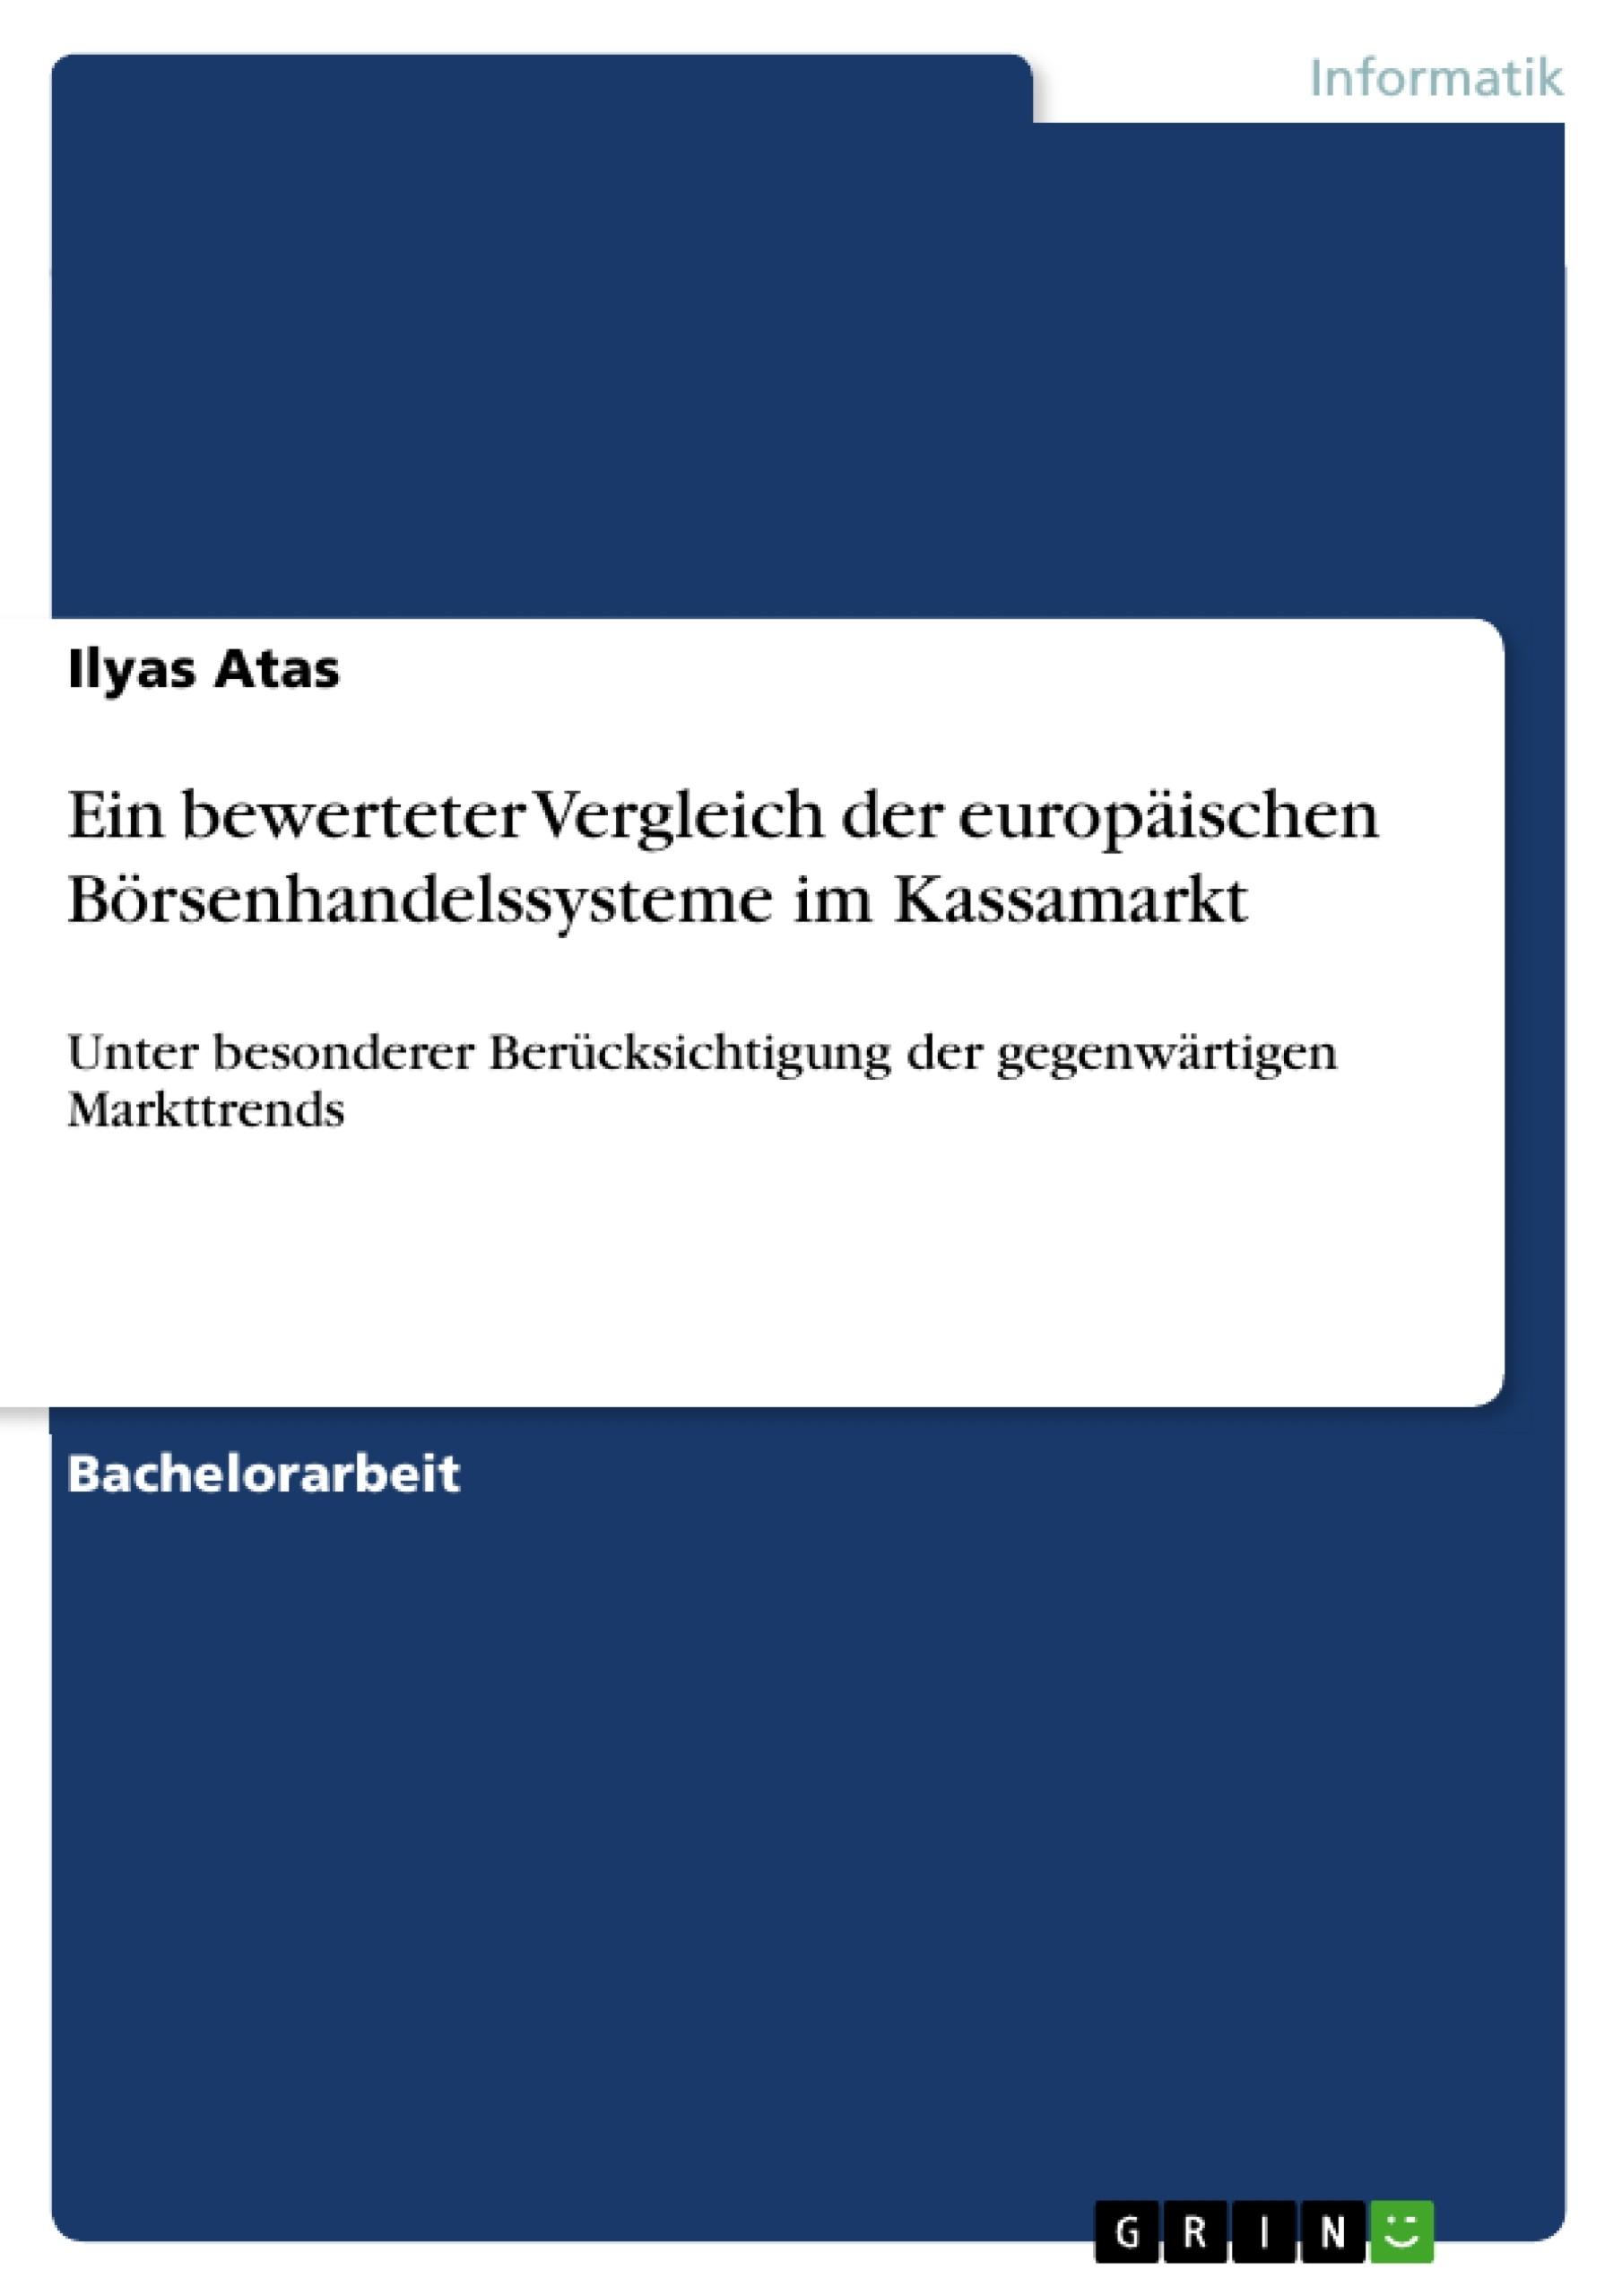 Titel: Ein bewerteter Vergleich der europäischen Börsenhandelssysteme im Kassamarkt